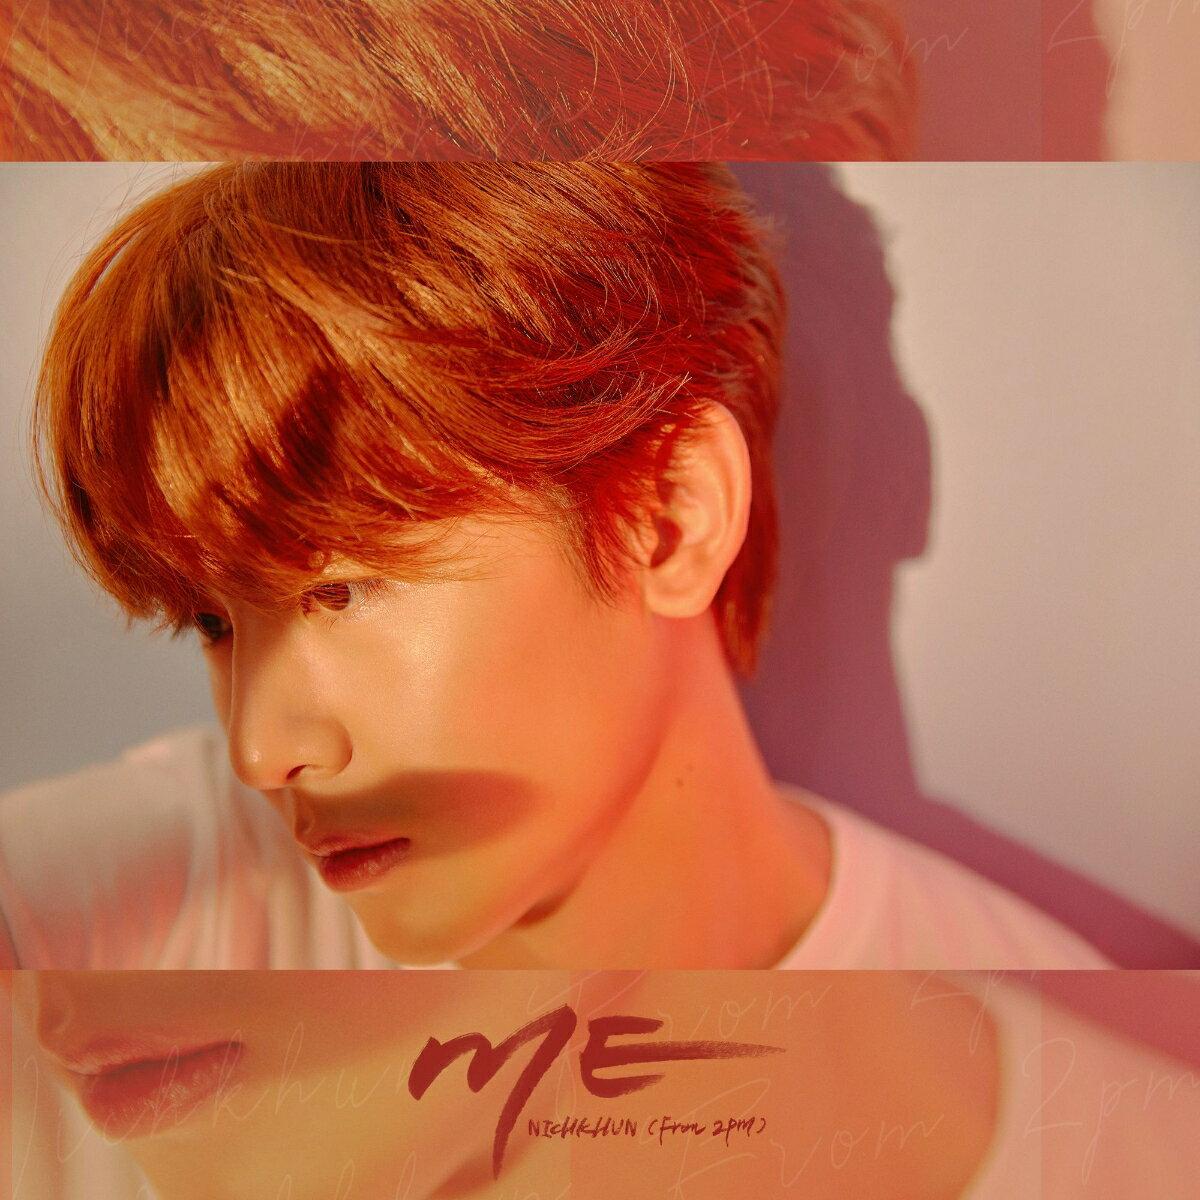 【先着特典】ME (初回限定盤B) (A4クリアファイル付き) [ NICHKHUN(From 2PM) ]